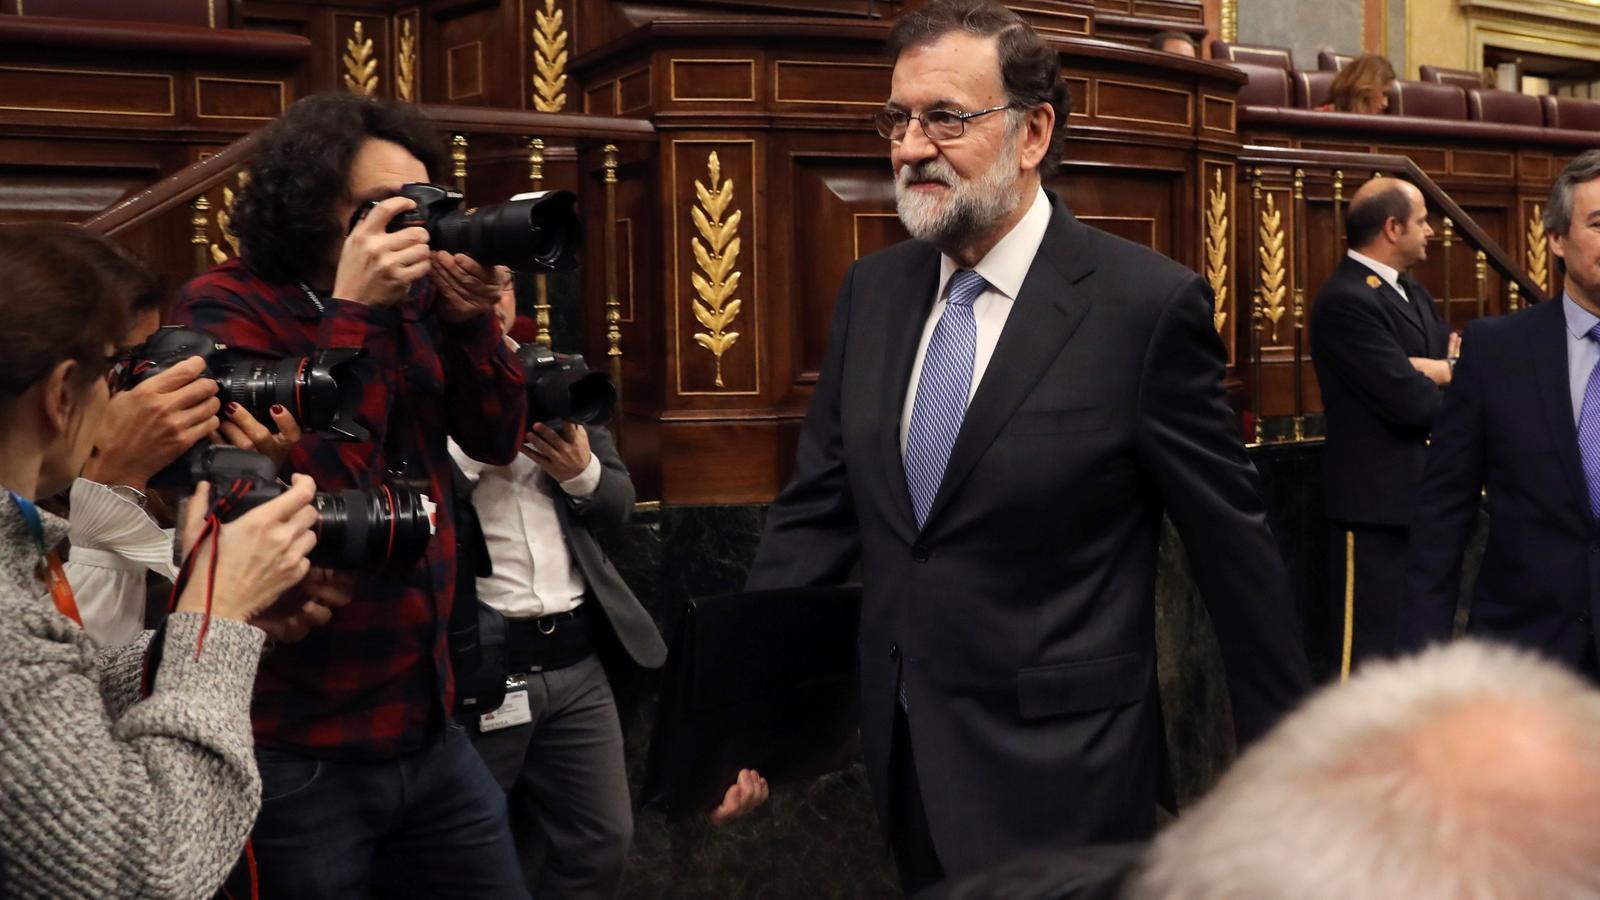 """Rajoy insisteix que presentarà els pressupostos a temps mentre Ciutadans avisa que """"s'està quedant sol"""""""